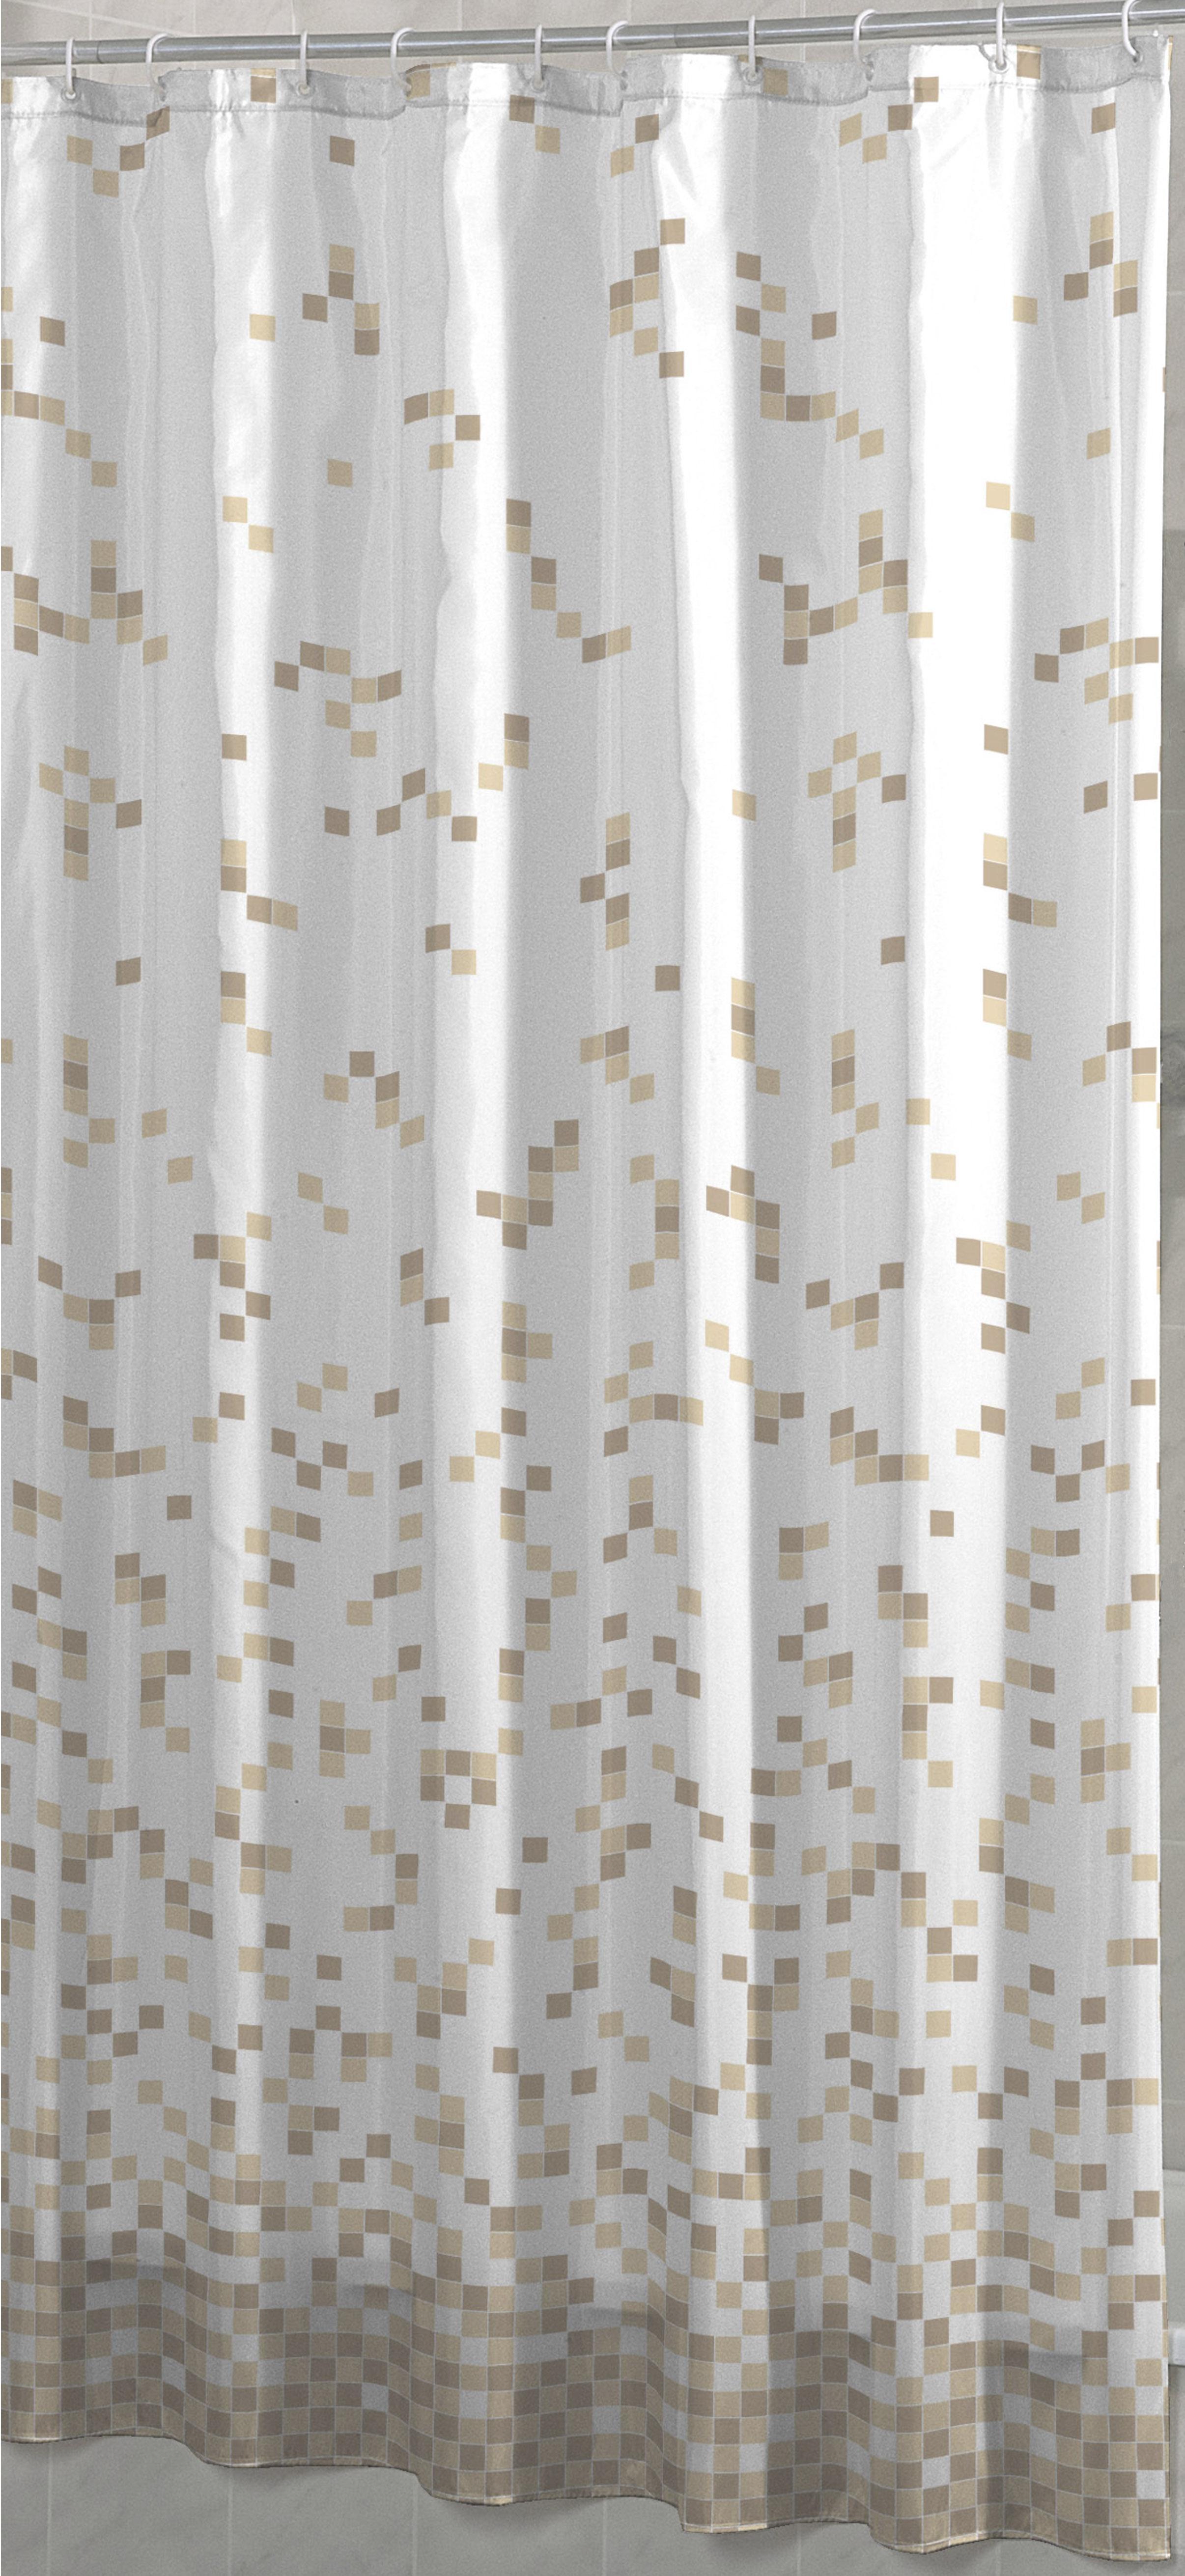 Caractristiques Produit Dimensions 180 X 200 Cm Composition 100 Polyester Lavable 30C